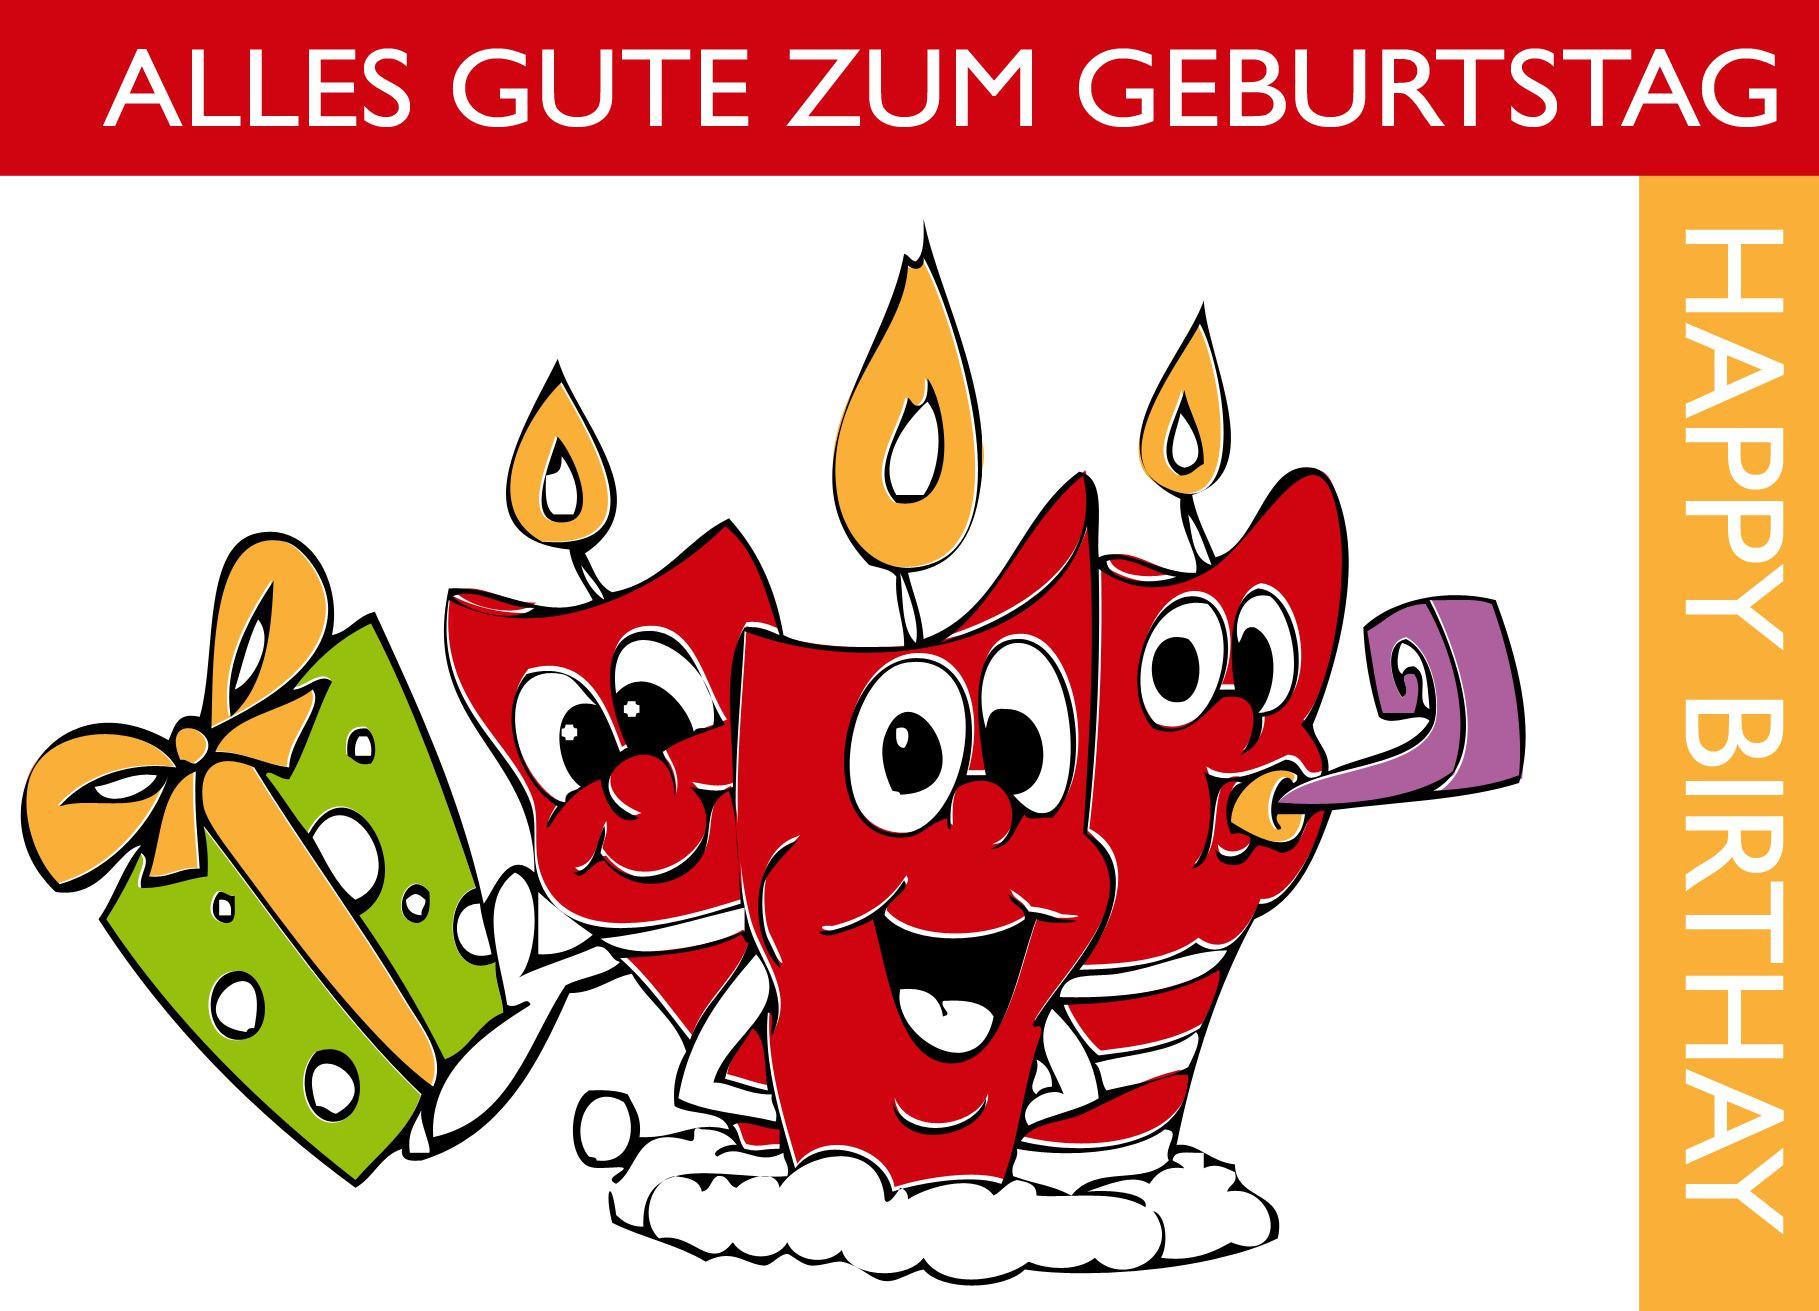 Geburtstagskarten Ausdrucken  Alles Alles Gute Zum Geburtstag Spanisch